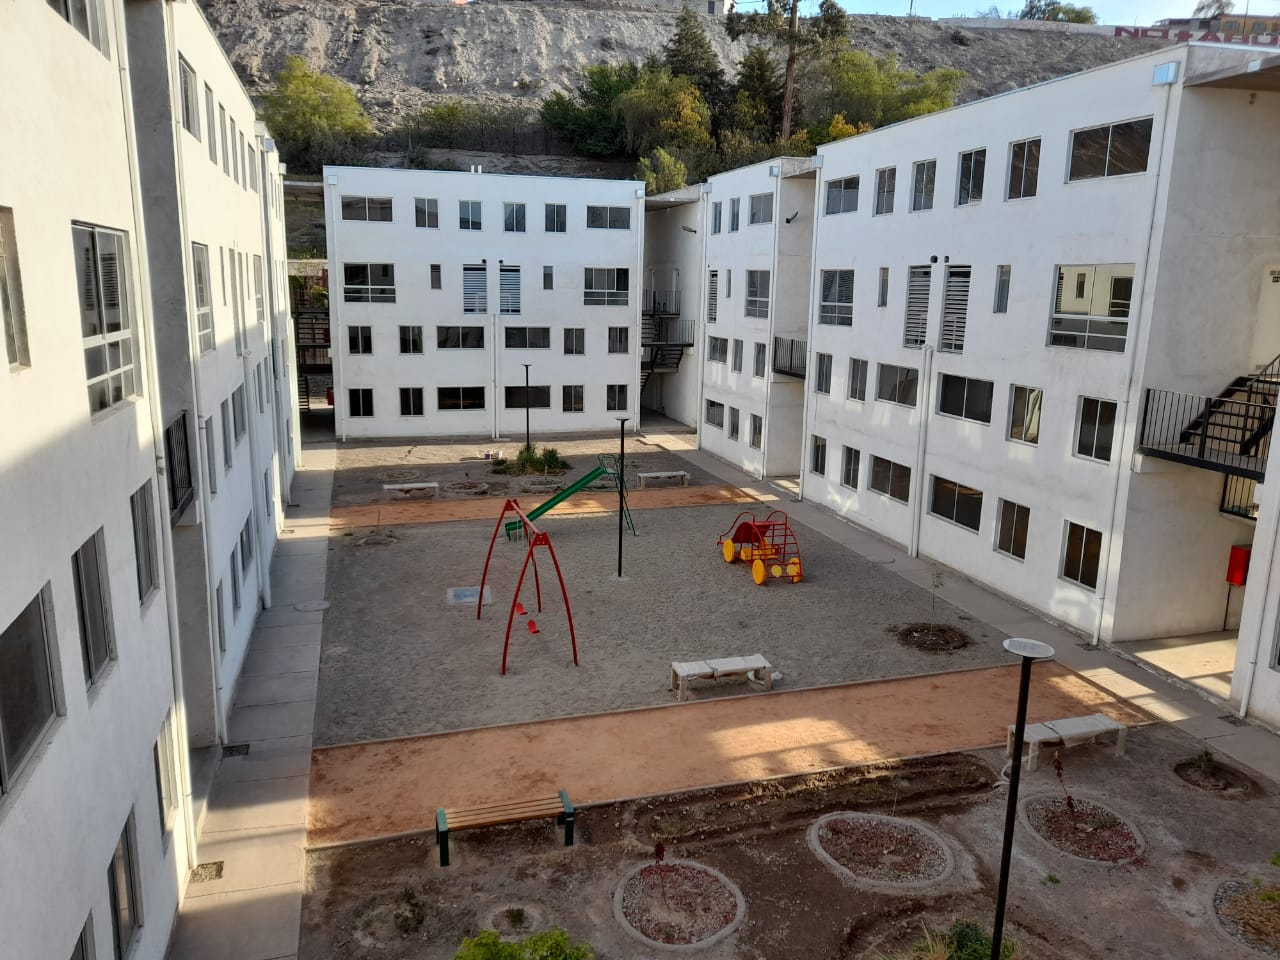 Proyecto de vivienda en Vallenar: Comité de La Turbina espera la recontratación de nueva empresa para retomar las obras que actualmente se encuentran paralizadas